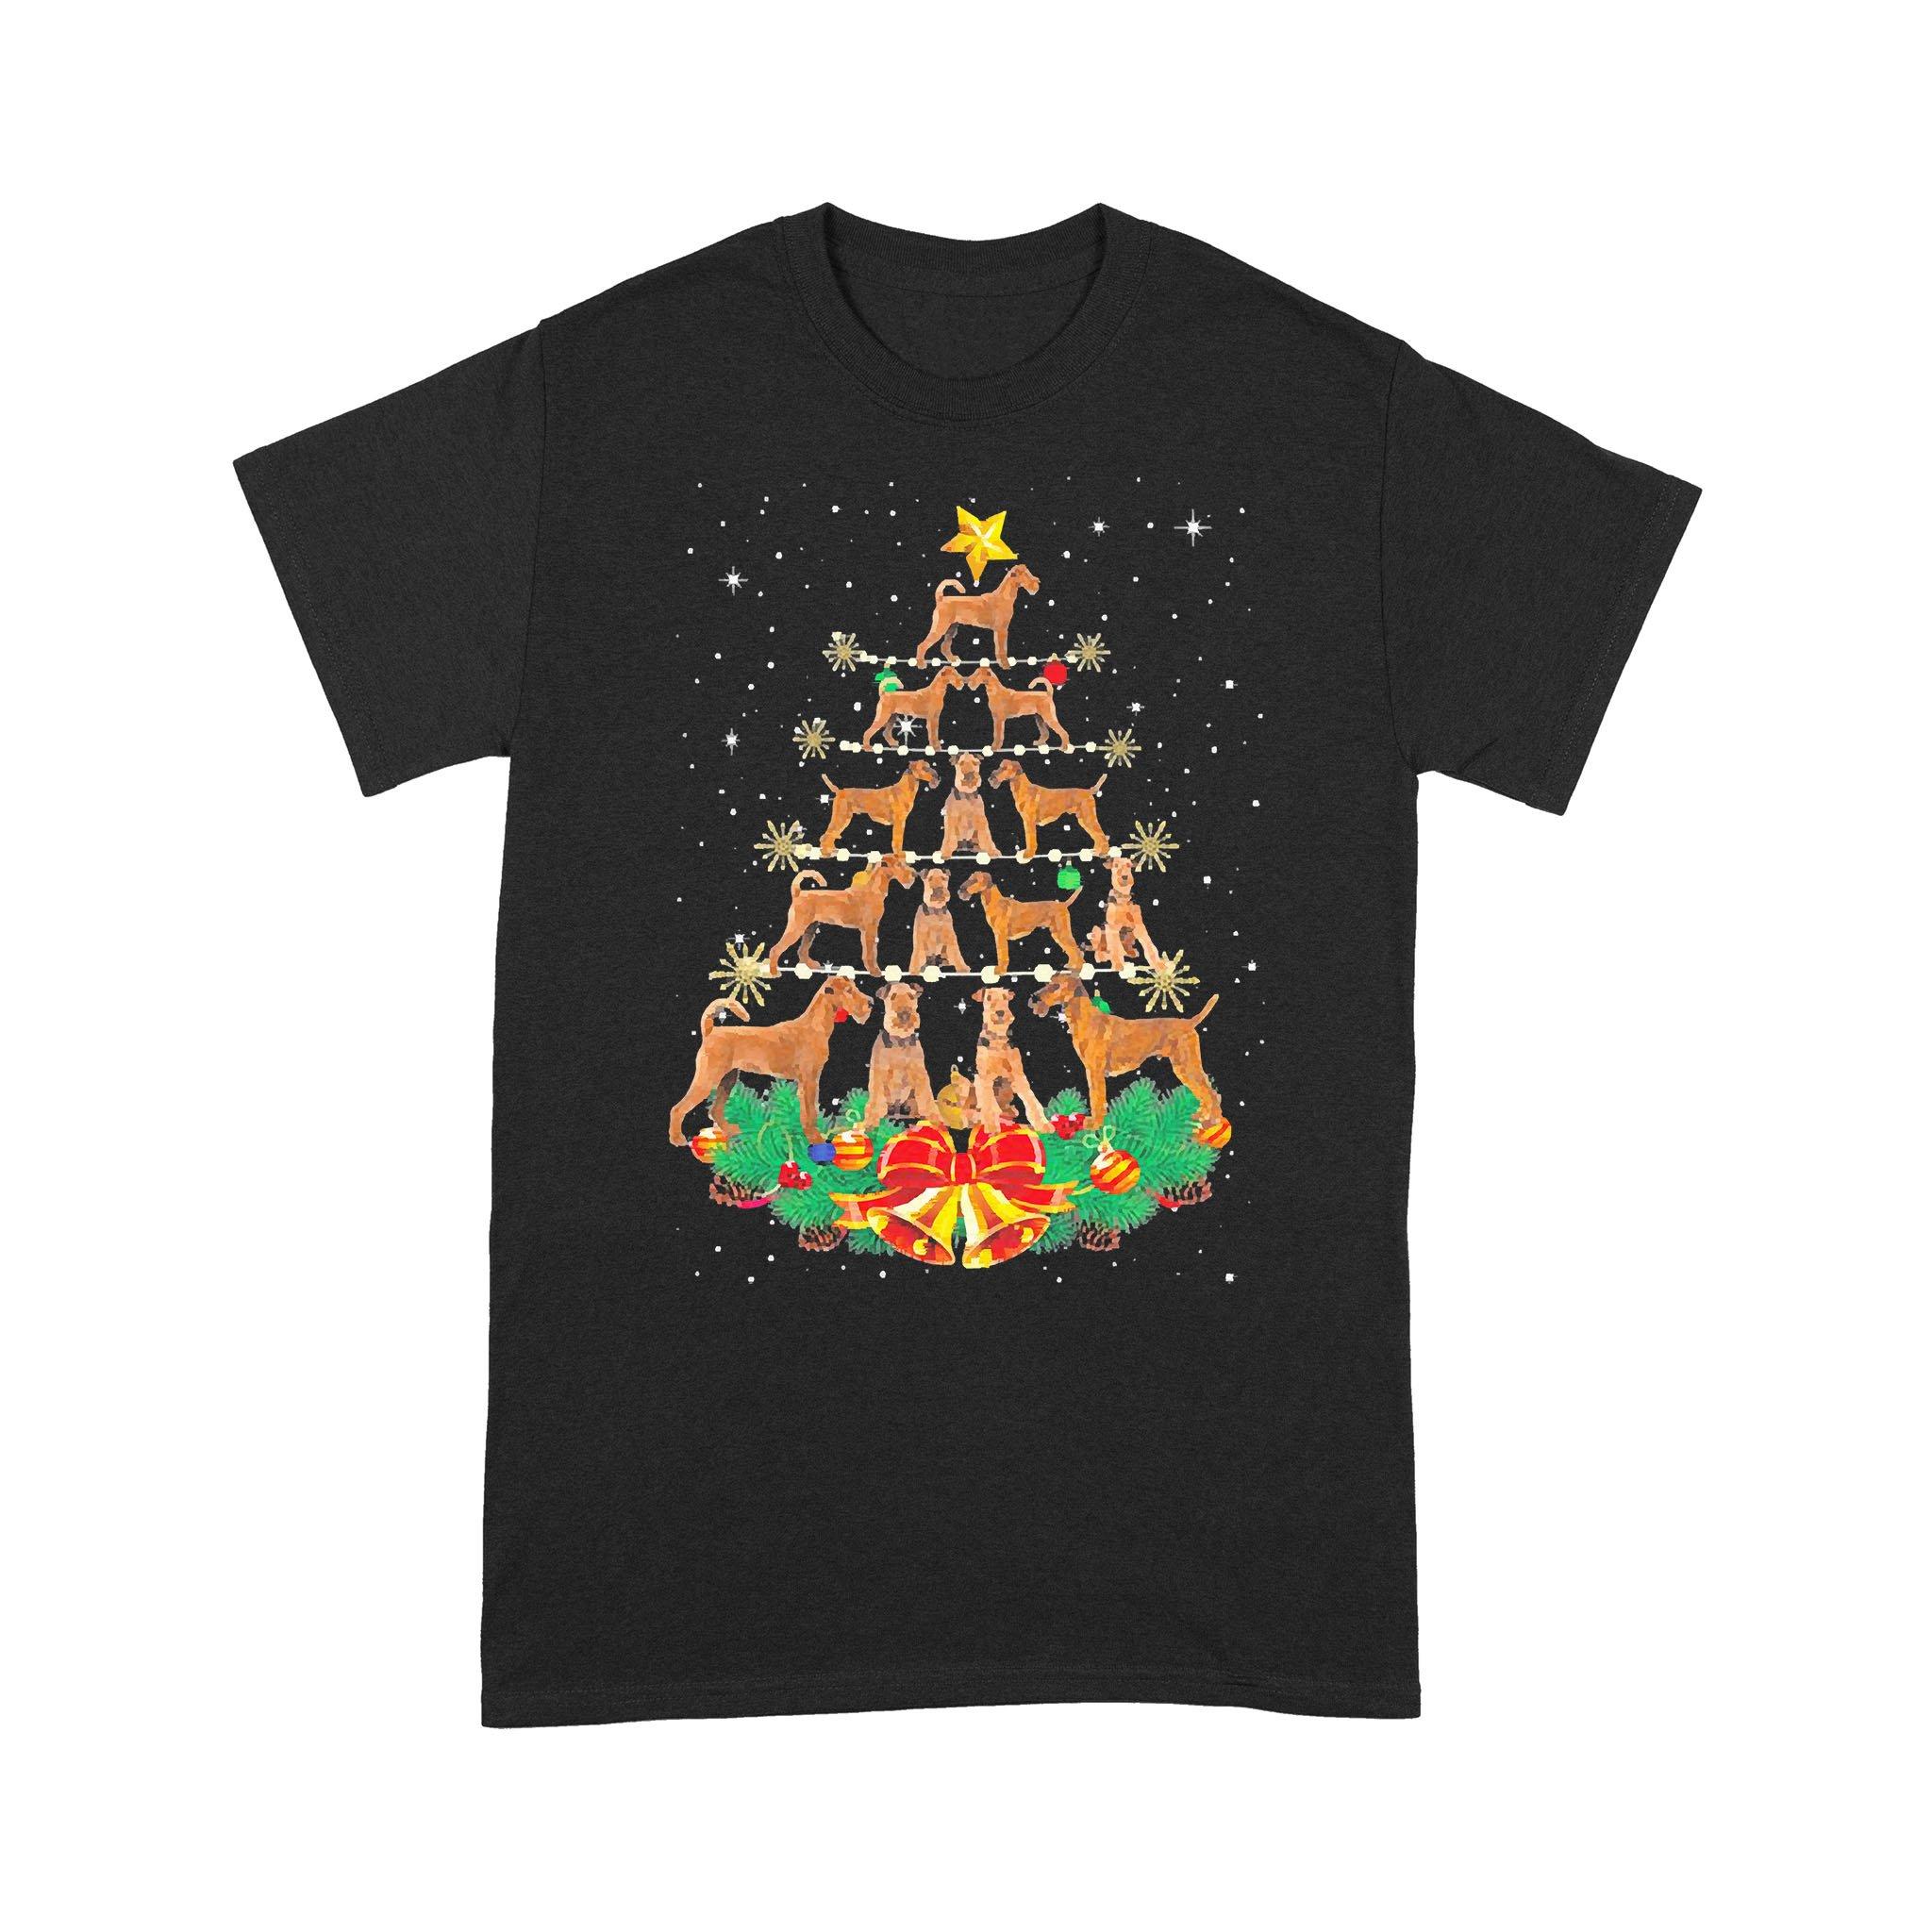 Irish Terrier Christmas Tree T-shirt